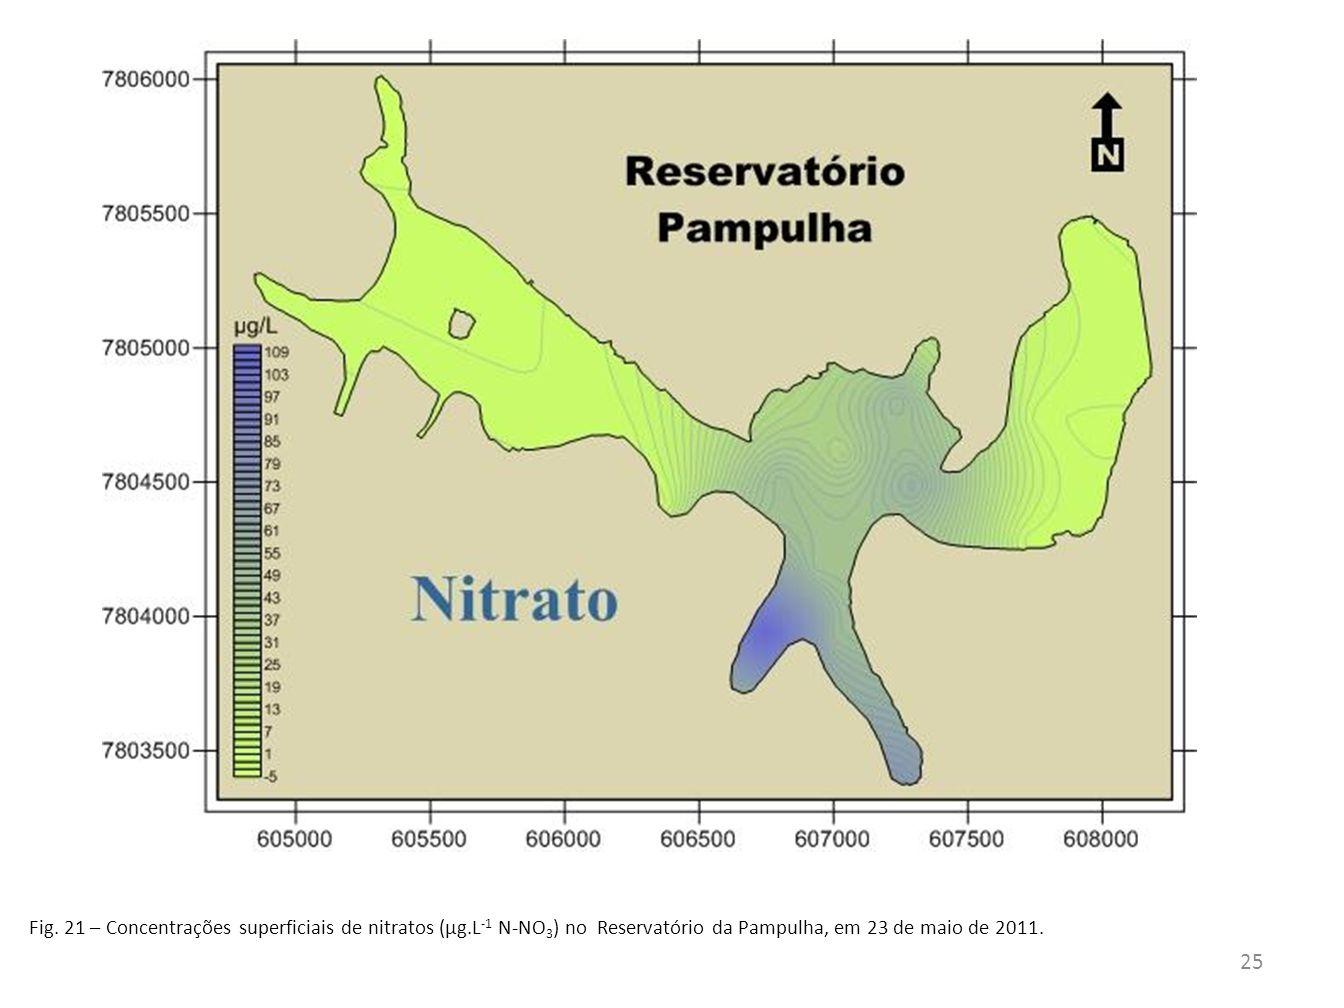 Fig. 21 – Concentrações superficiais de nitratos (µg.L -1 N-NO 3 ) no Reservatório da Pampulha, em 23 de maio de 2011. 25